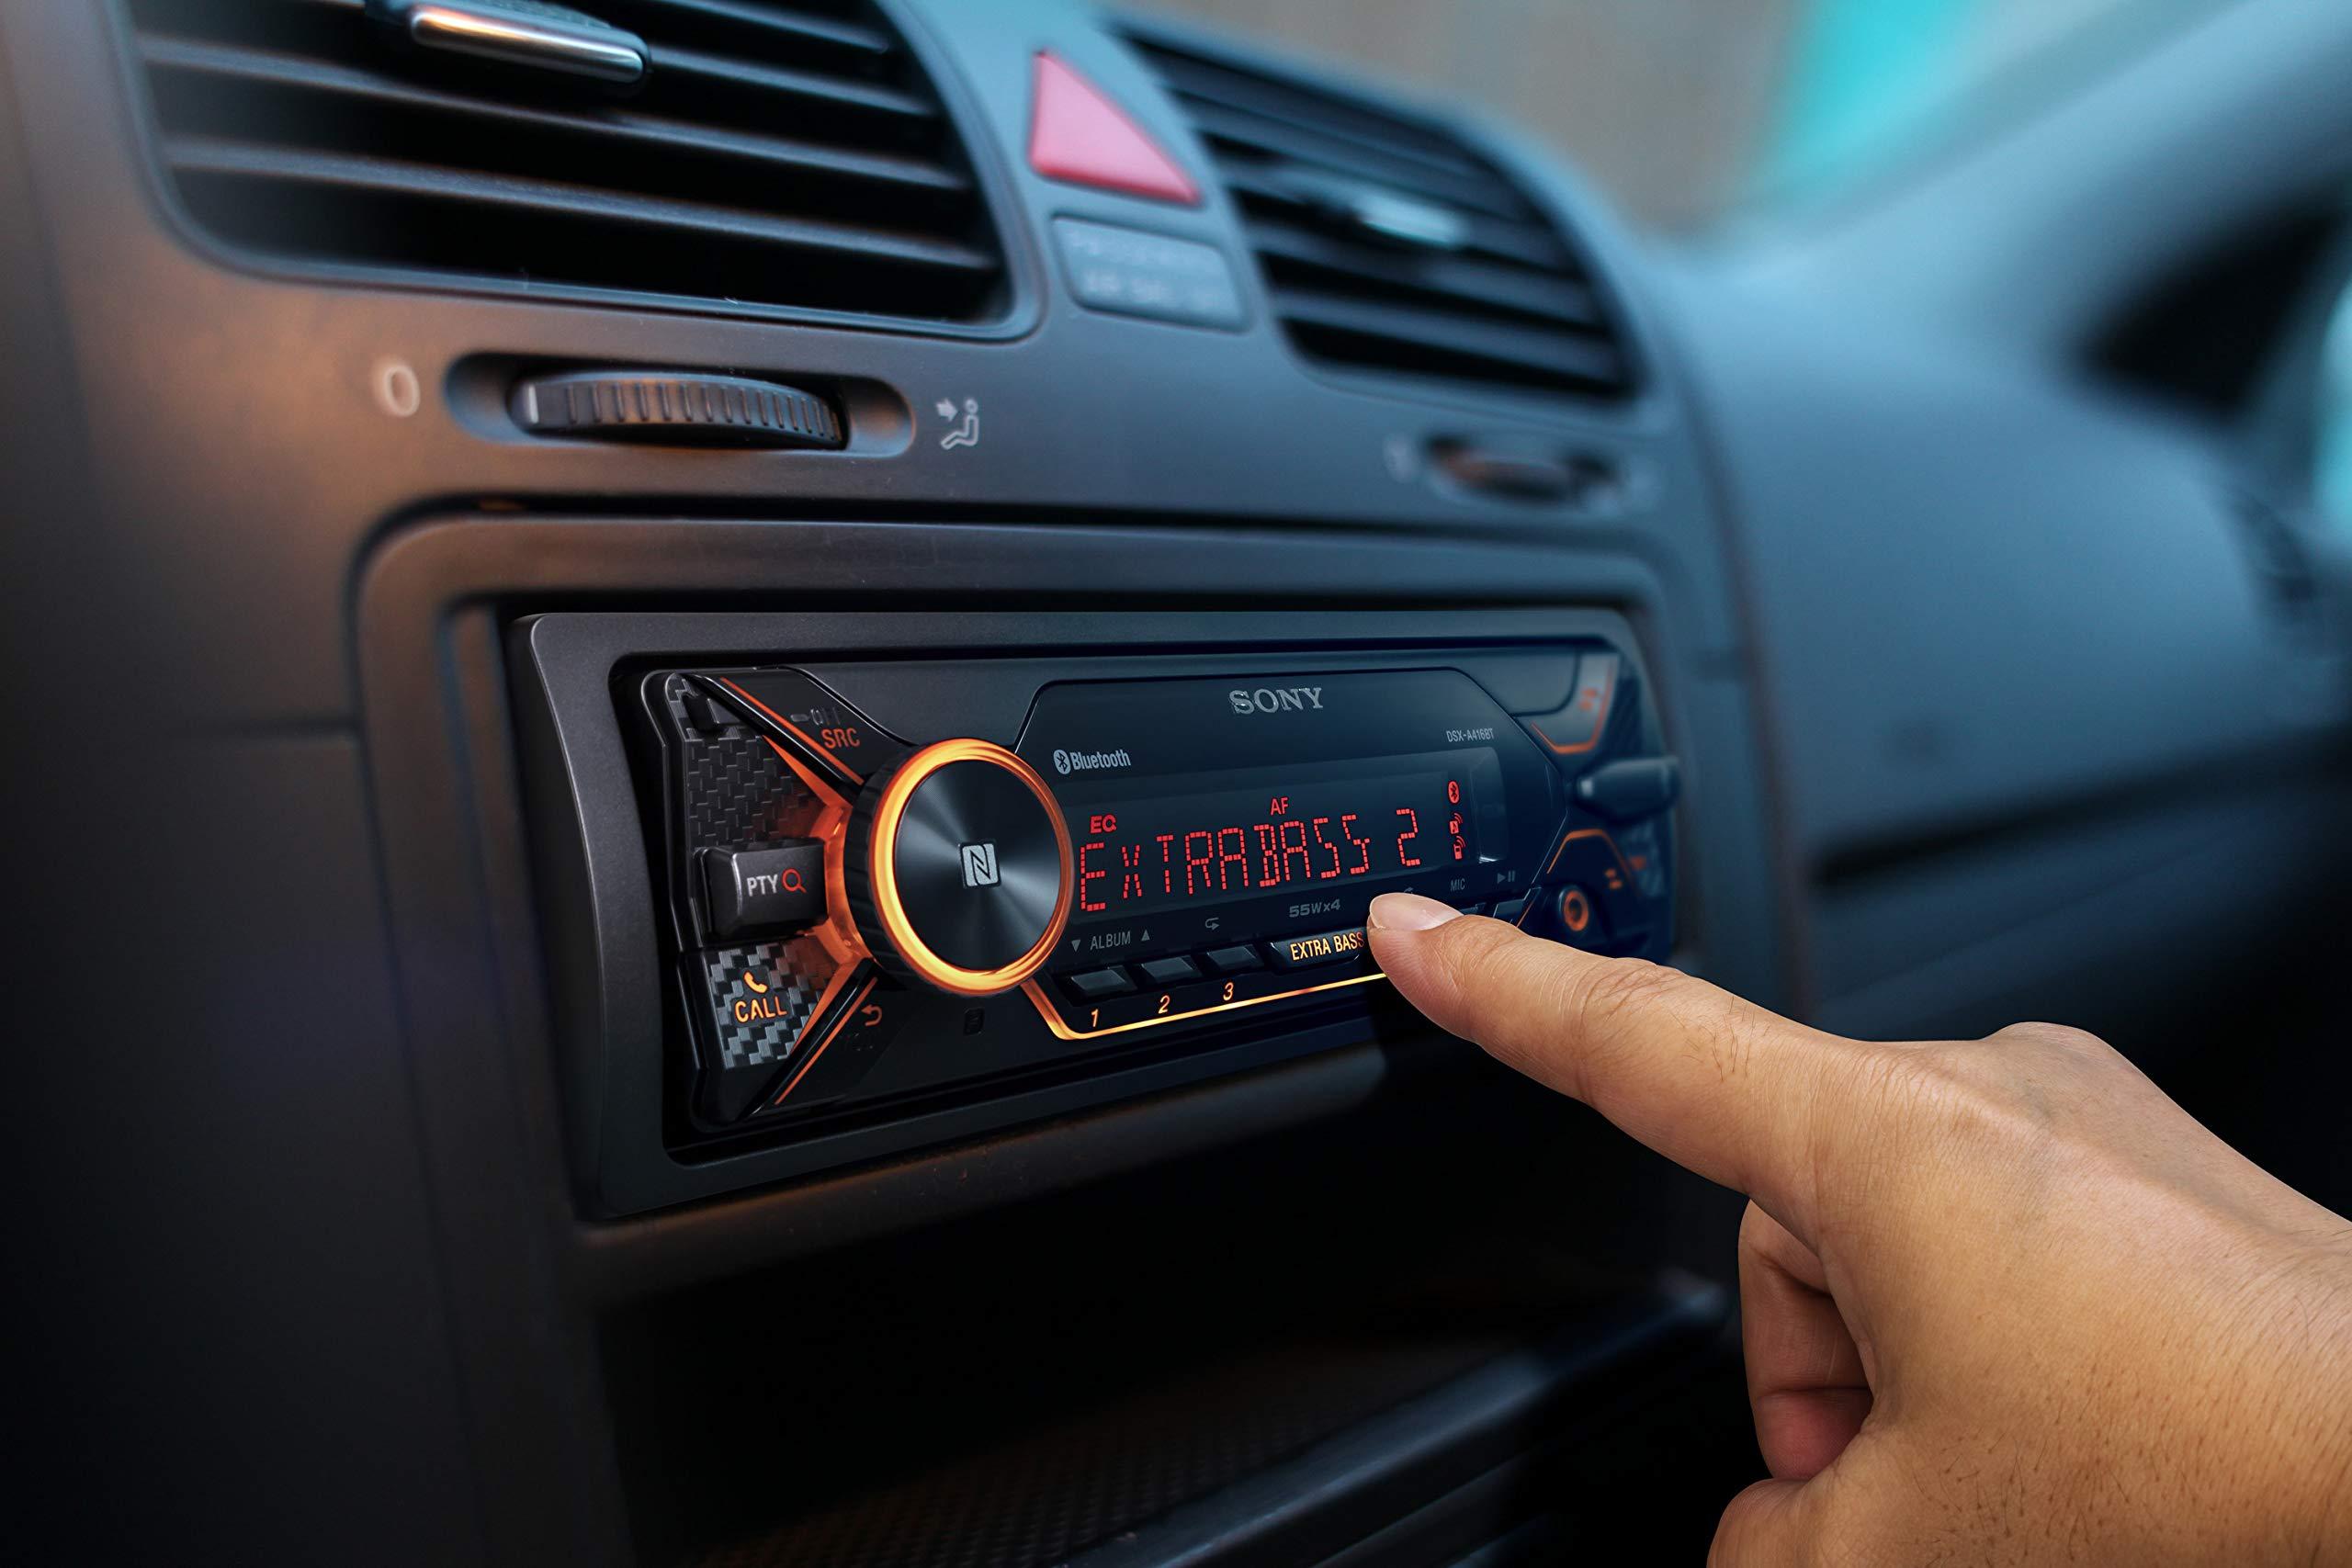 Sony-DSX-A416BT-Autoradio-mit-Dual-Bluetooth-NFC-USB-AUX-Anschluss-35000-Farben-Vario-Color-Freisprechen-und-Mikrofon